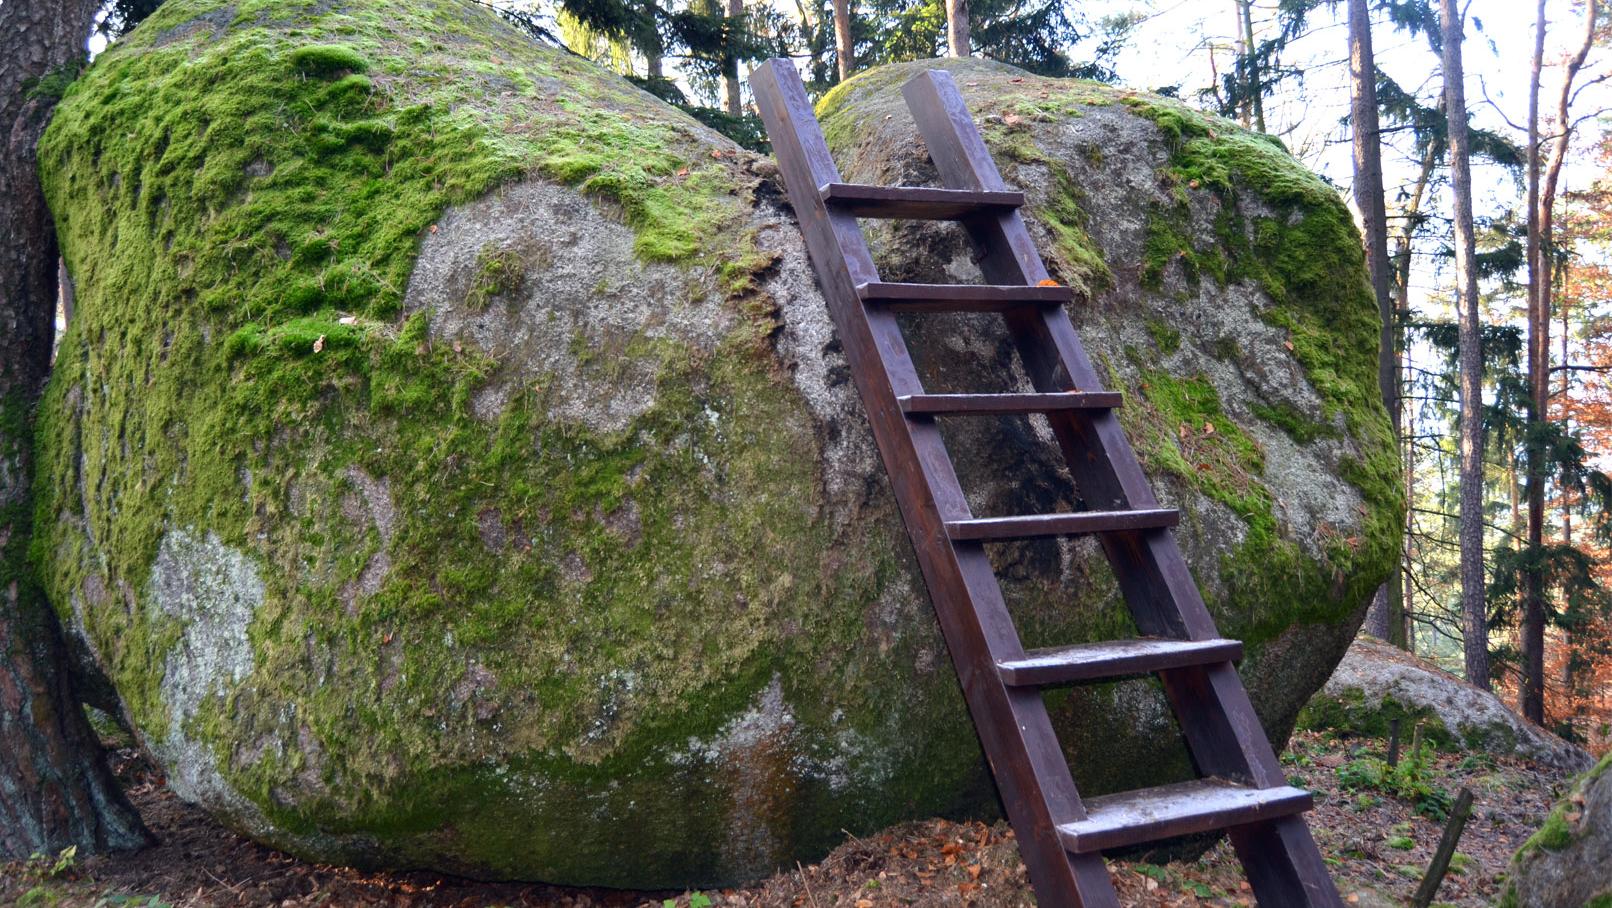 Naturdenkmal Wasserstein | © Oberpfälzer Wald / Georg Plank